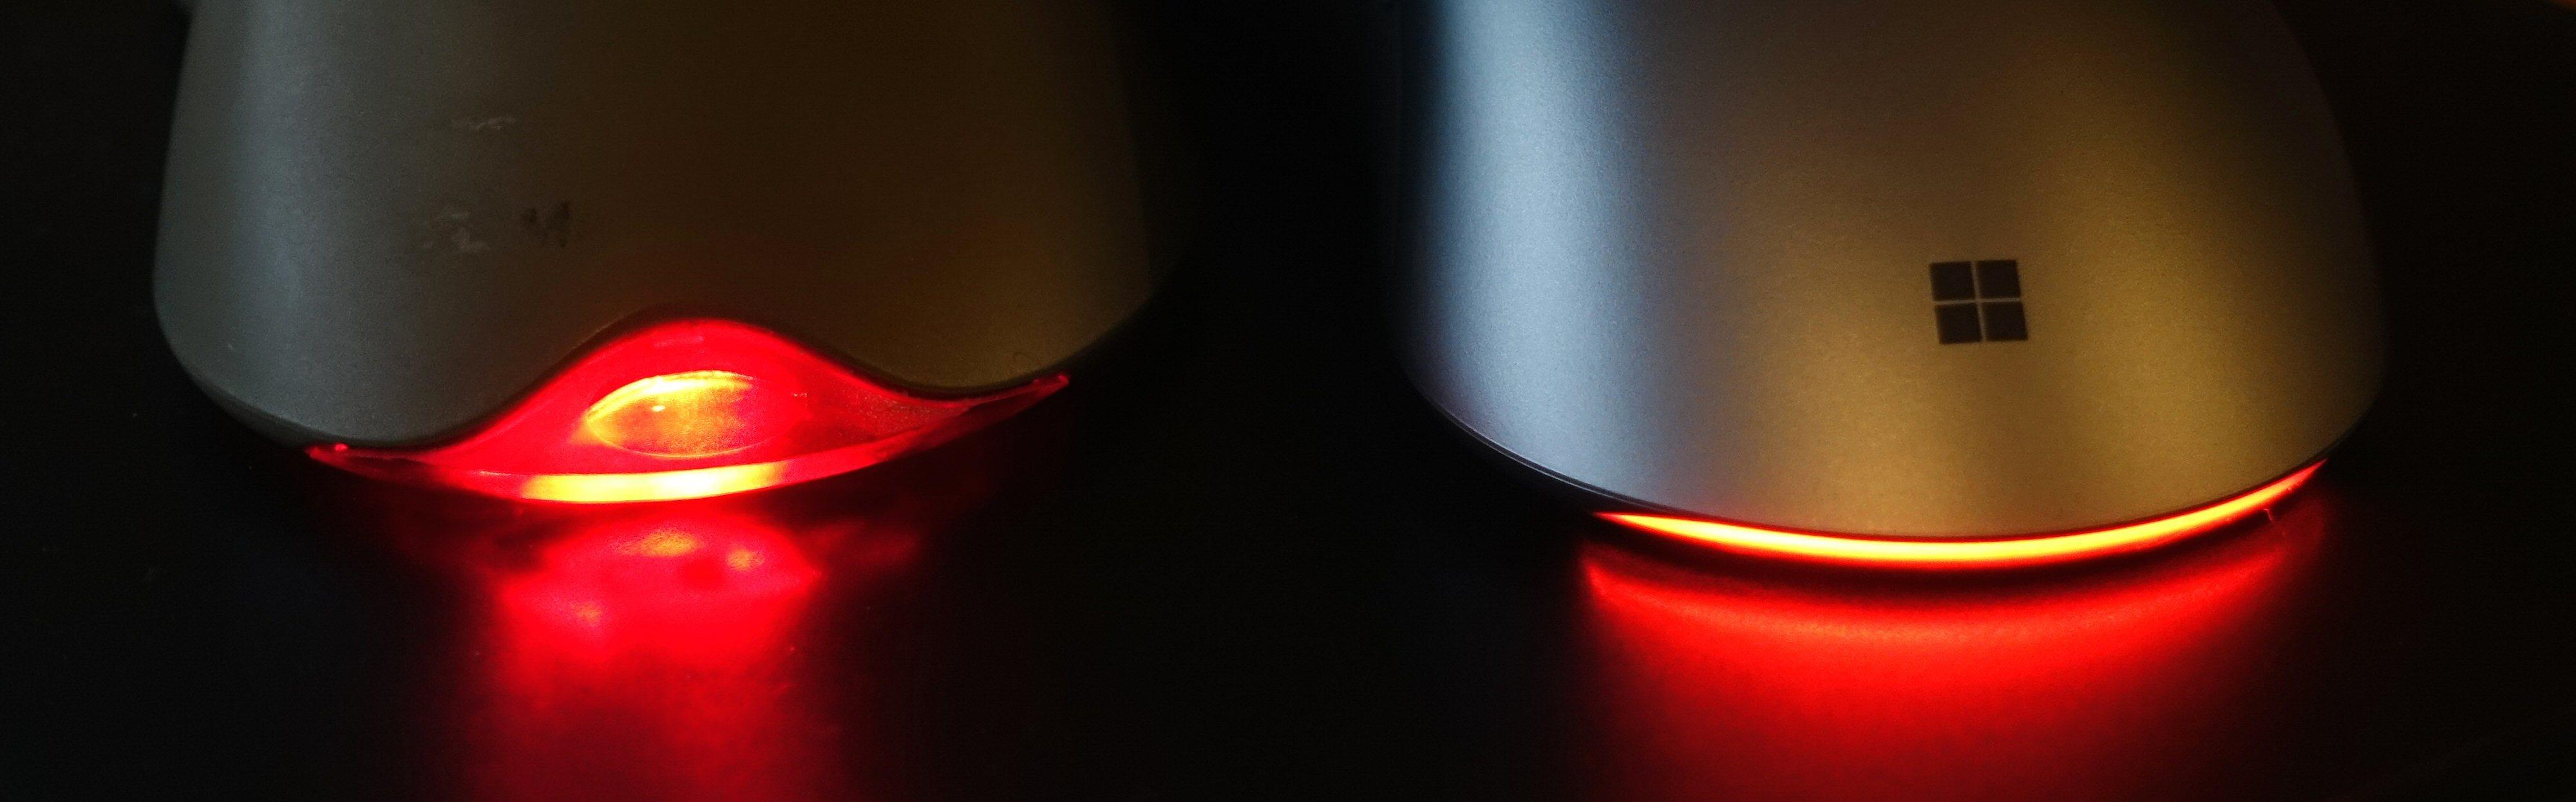 Pro IntelliMouse har et nytt og mer subtilt halelys. Forandre farge kan det også.